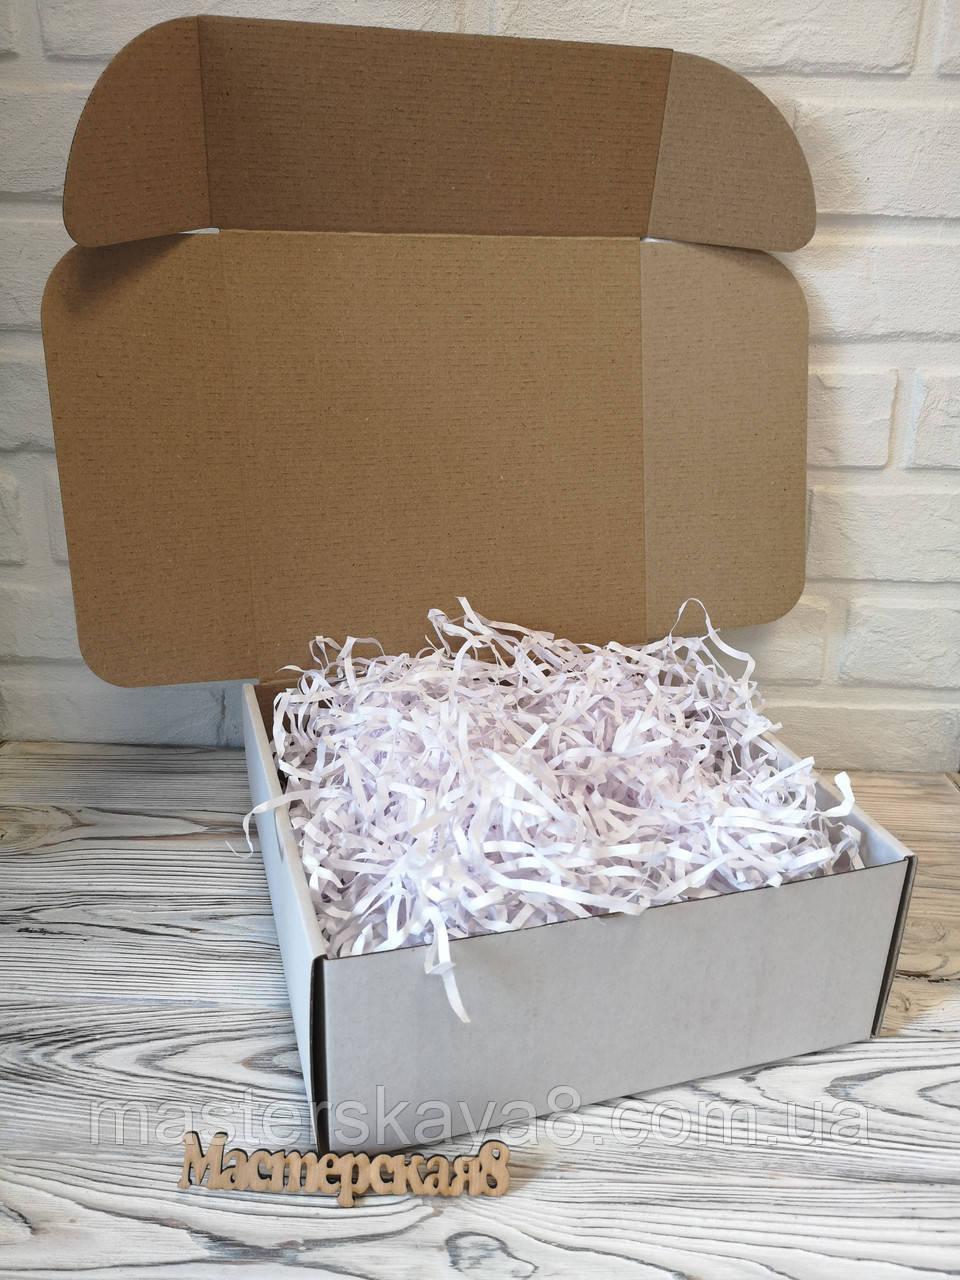 Коробка белая 250*250*100 мм  для подарка с белым наполнителем , для сувенира, для мыла, косметики, пряника